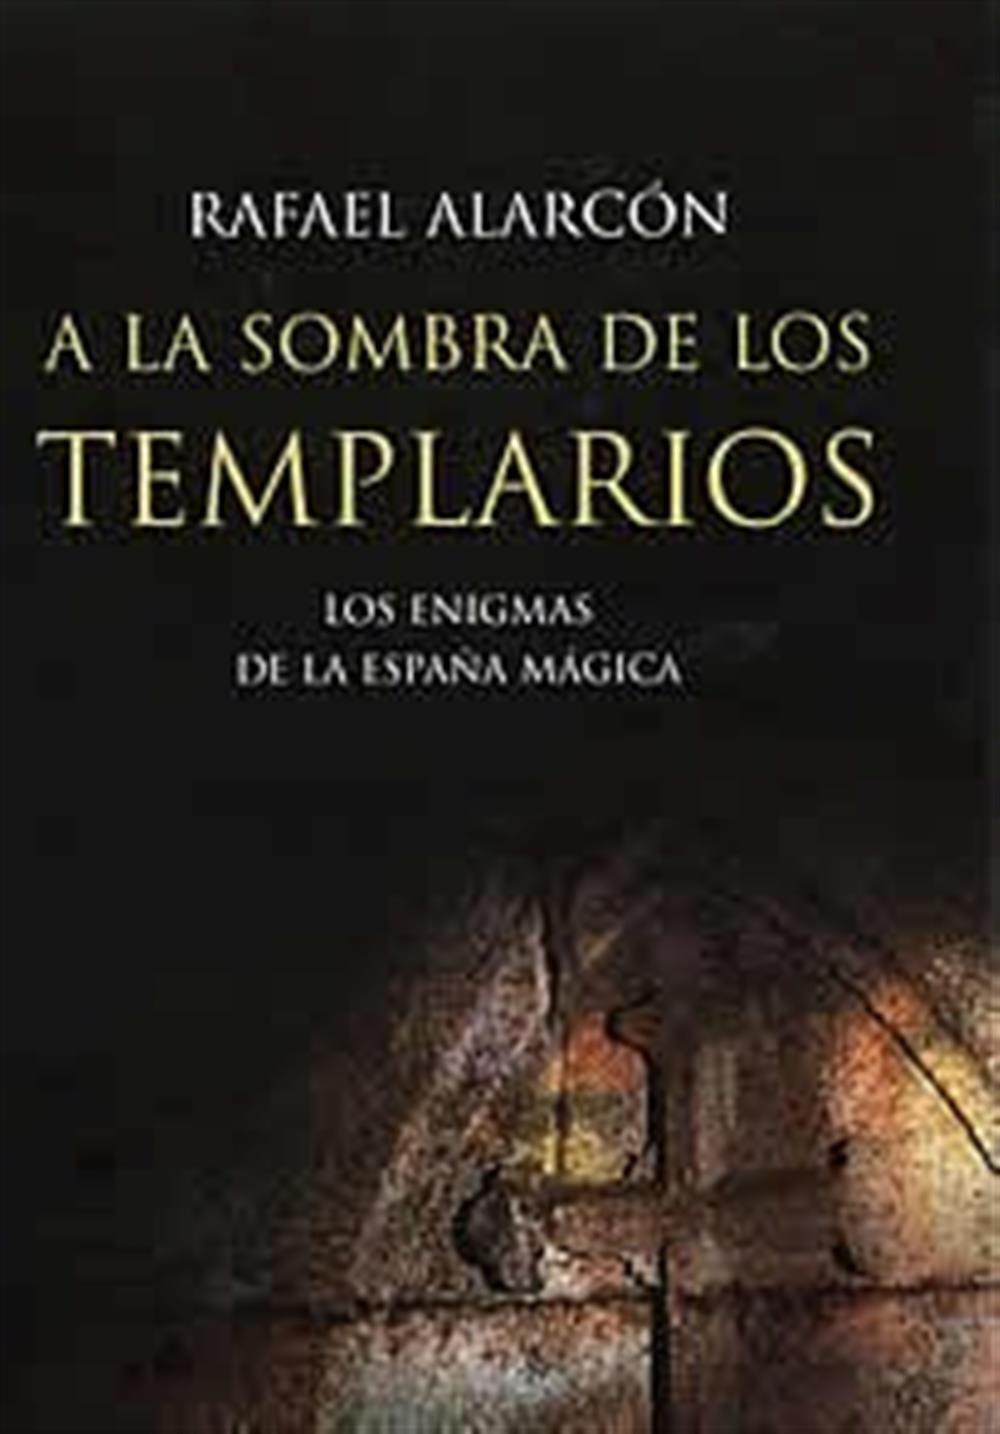 A la sombra de los Templarios